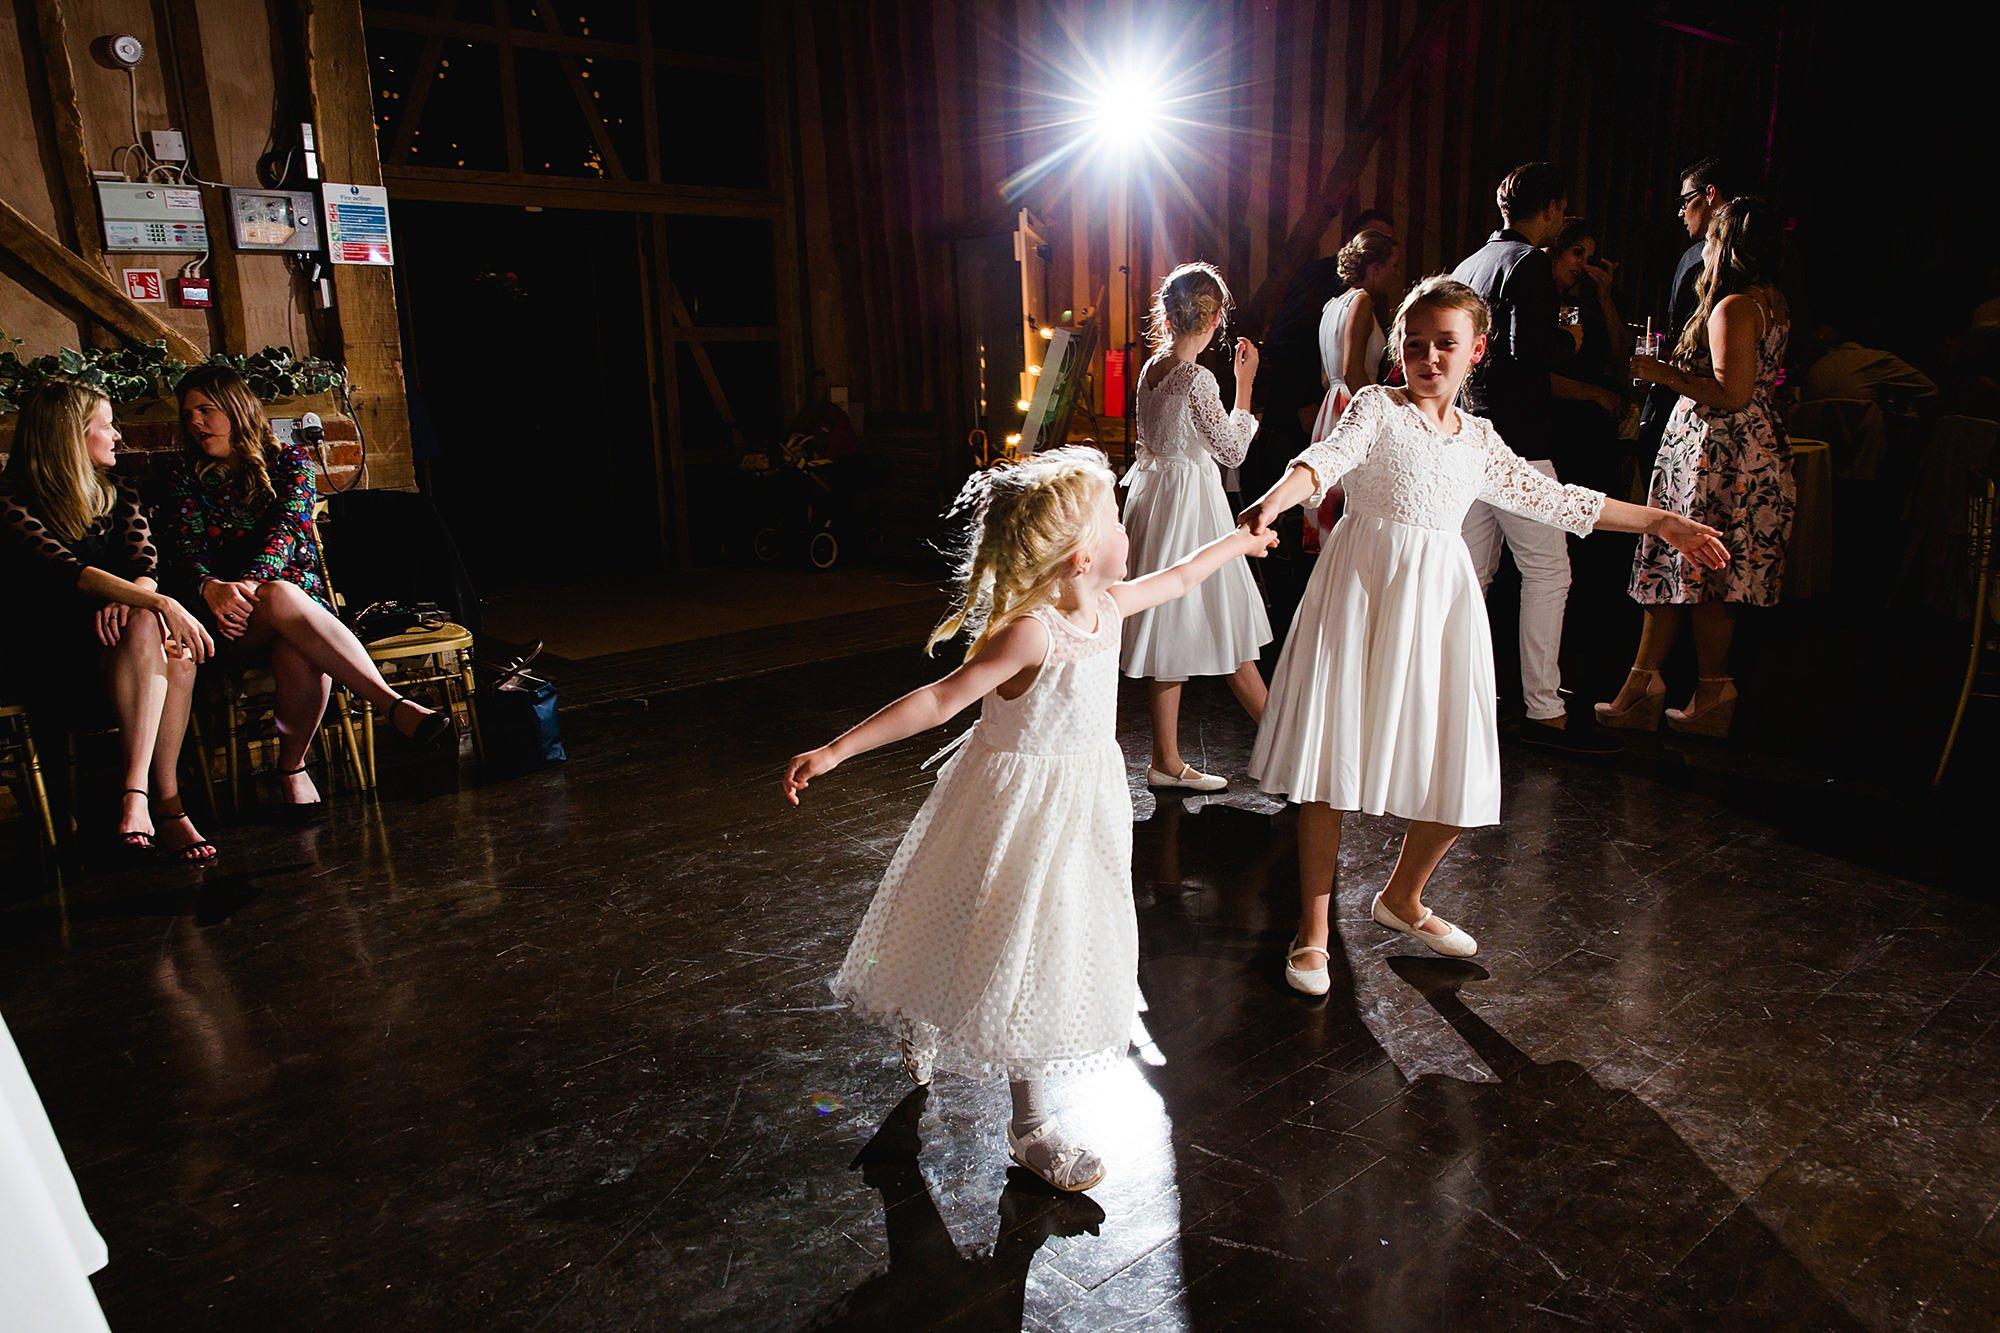 Lillibrooke Manor wedding flower girls dance together